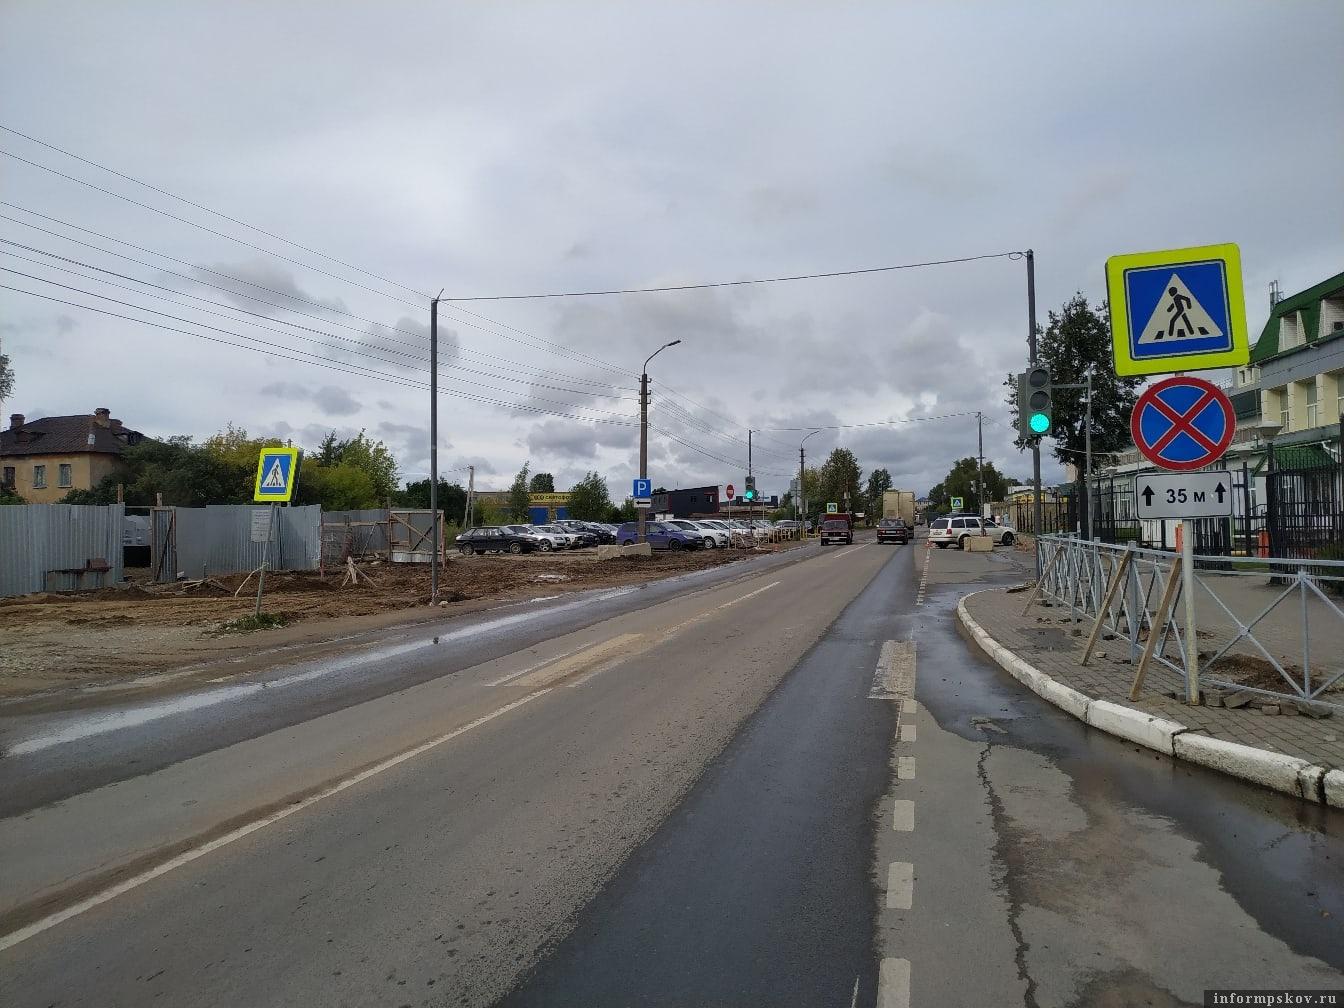 Фото: группа «Убитые дороги Пскова» в социальной сети «ВКонтакте»